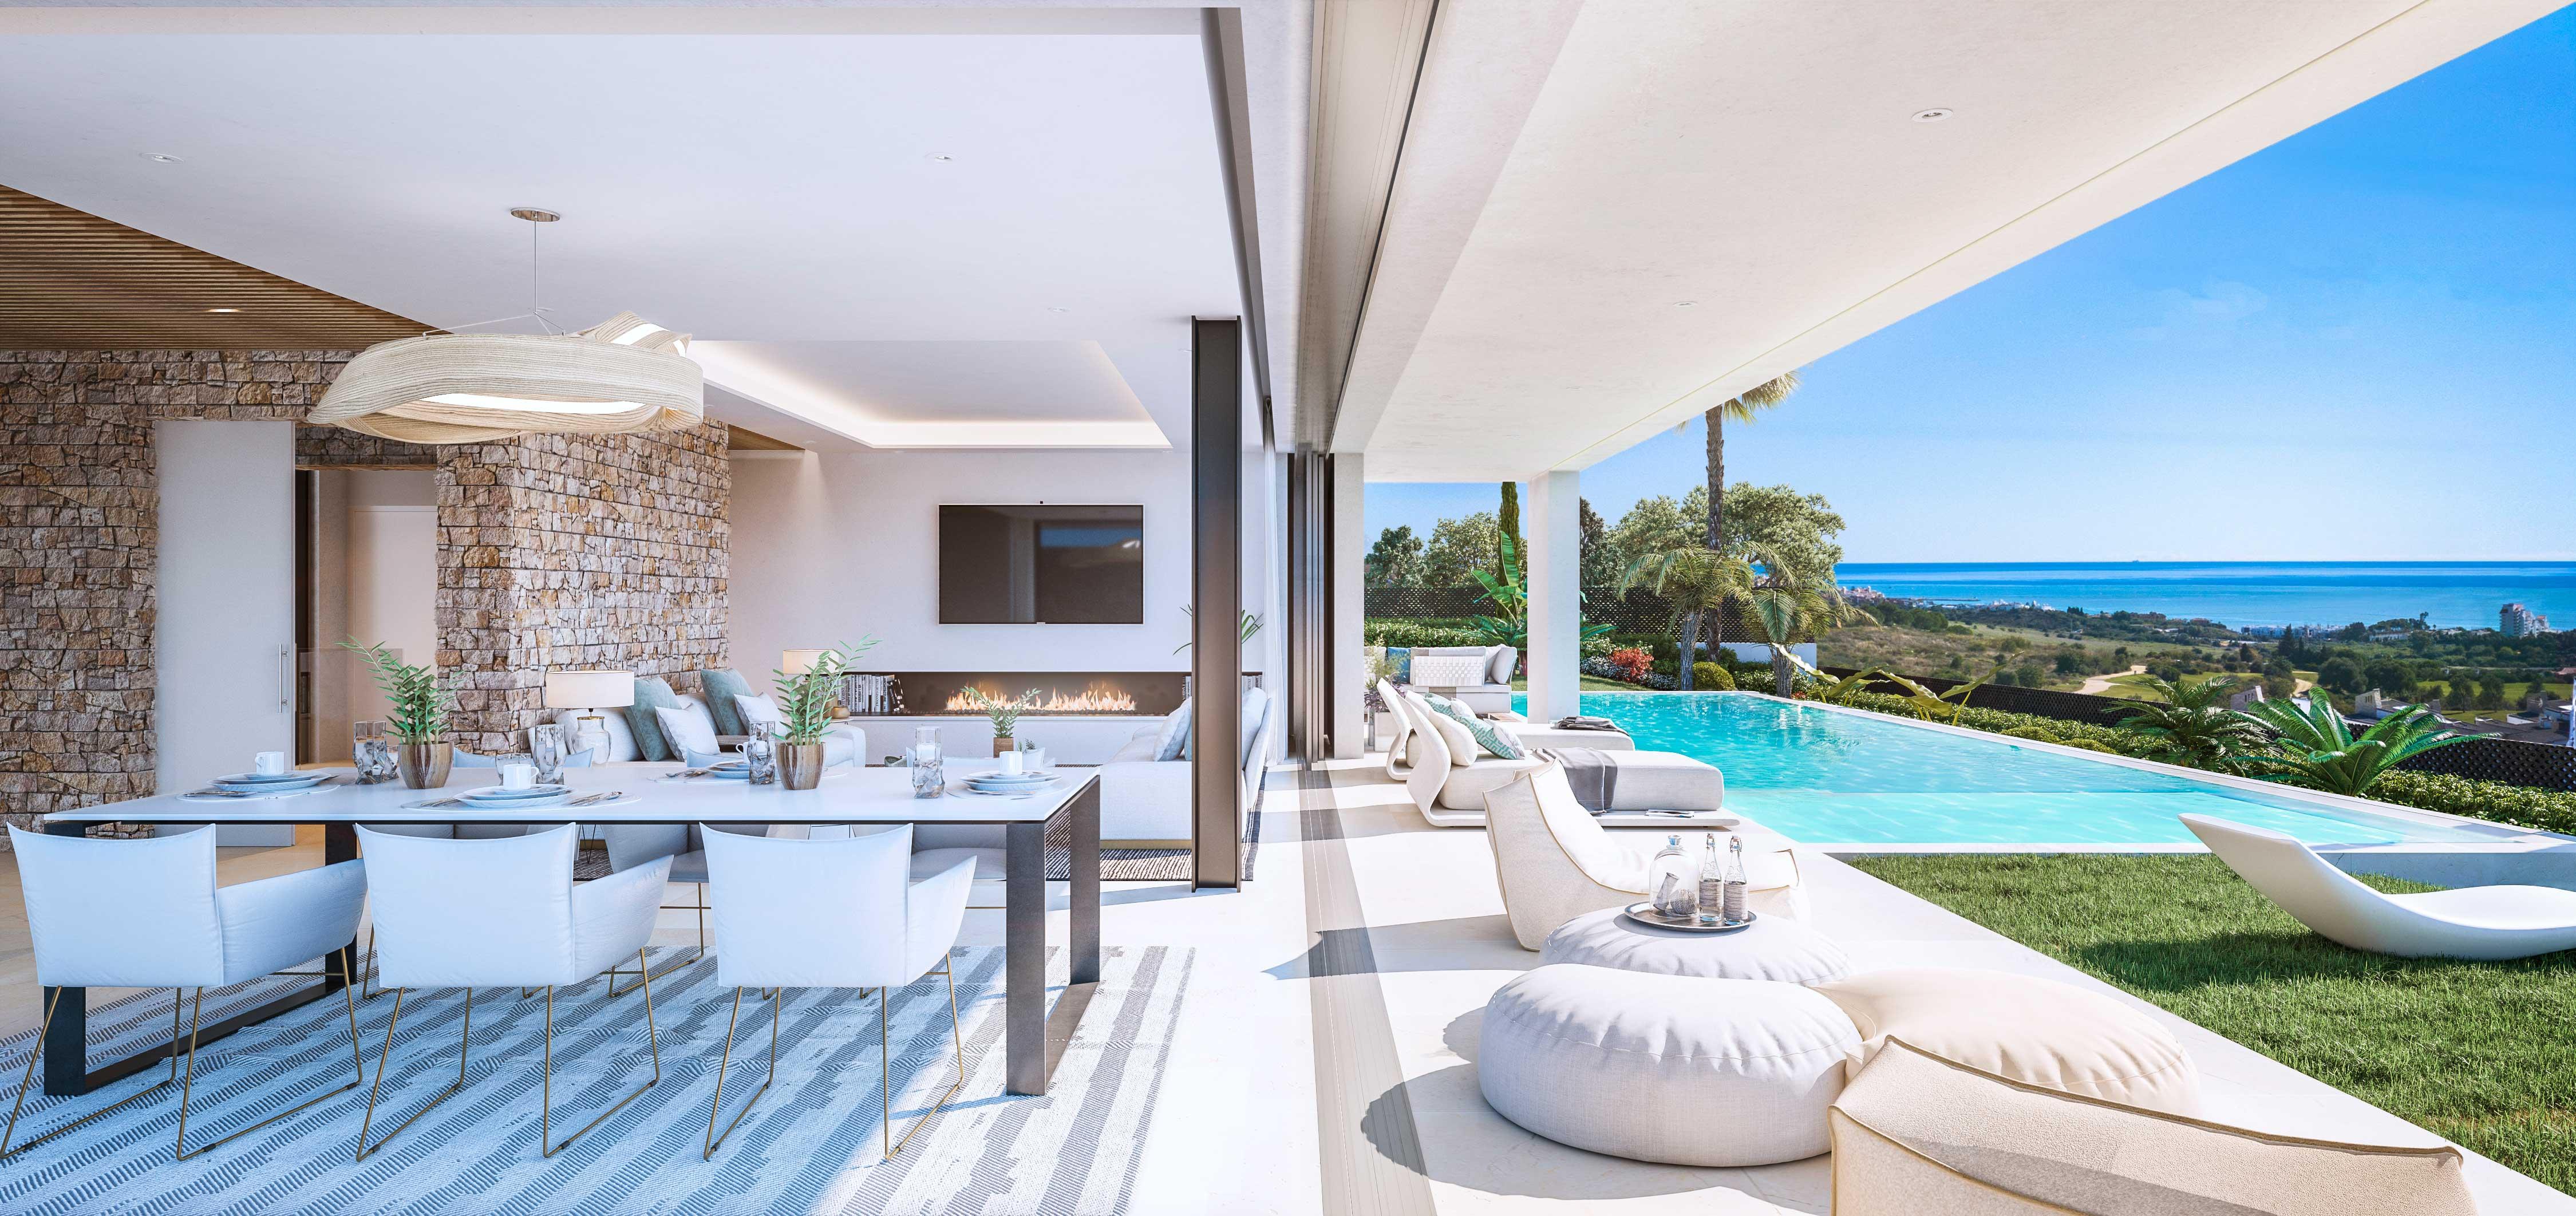 Ref:359-00108P Villa For Sale in Estepona